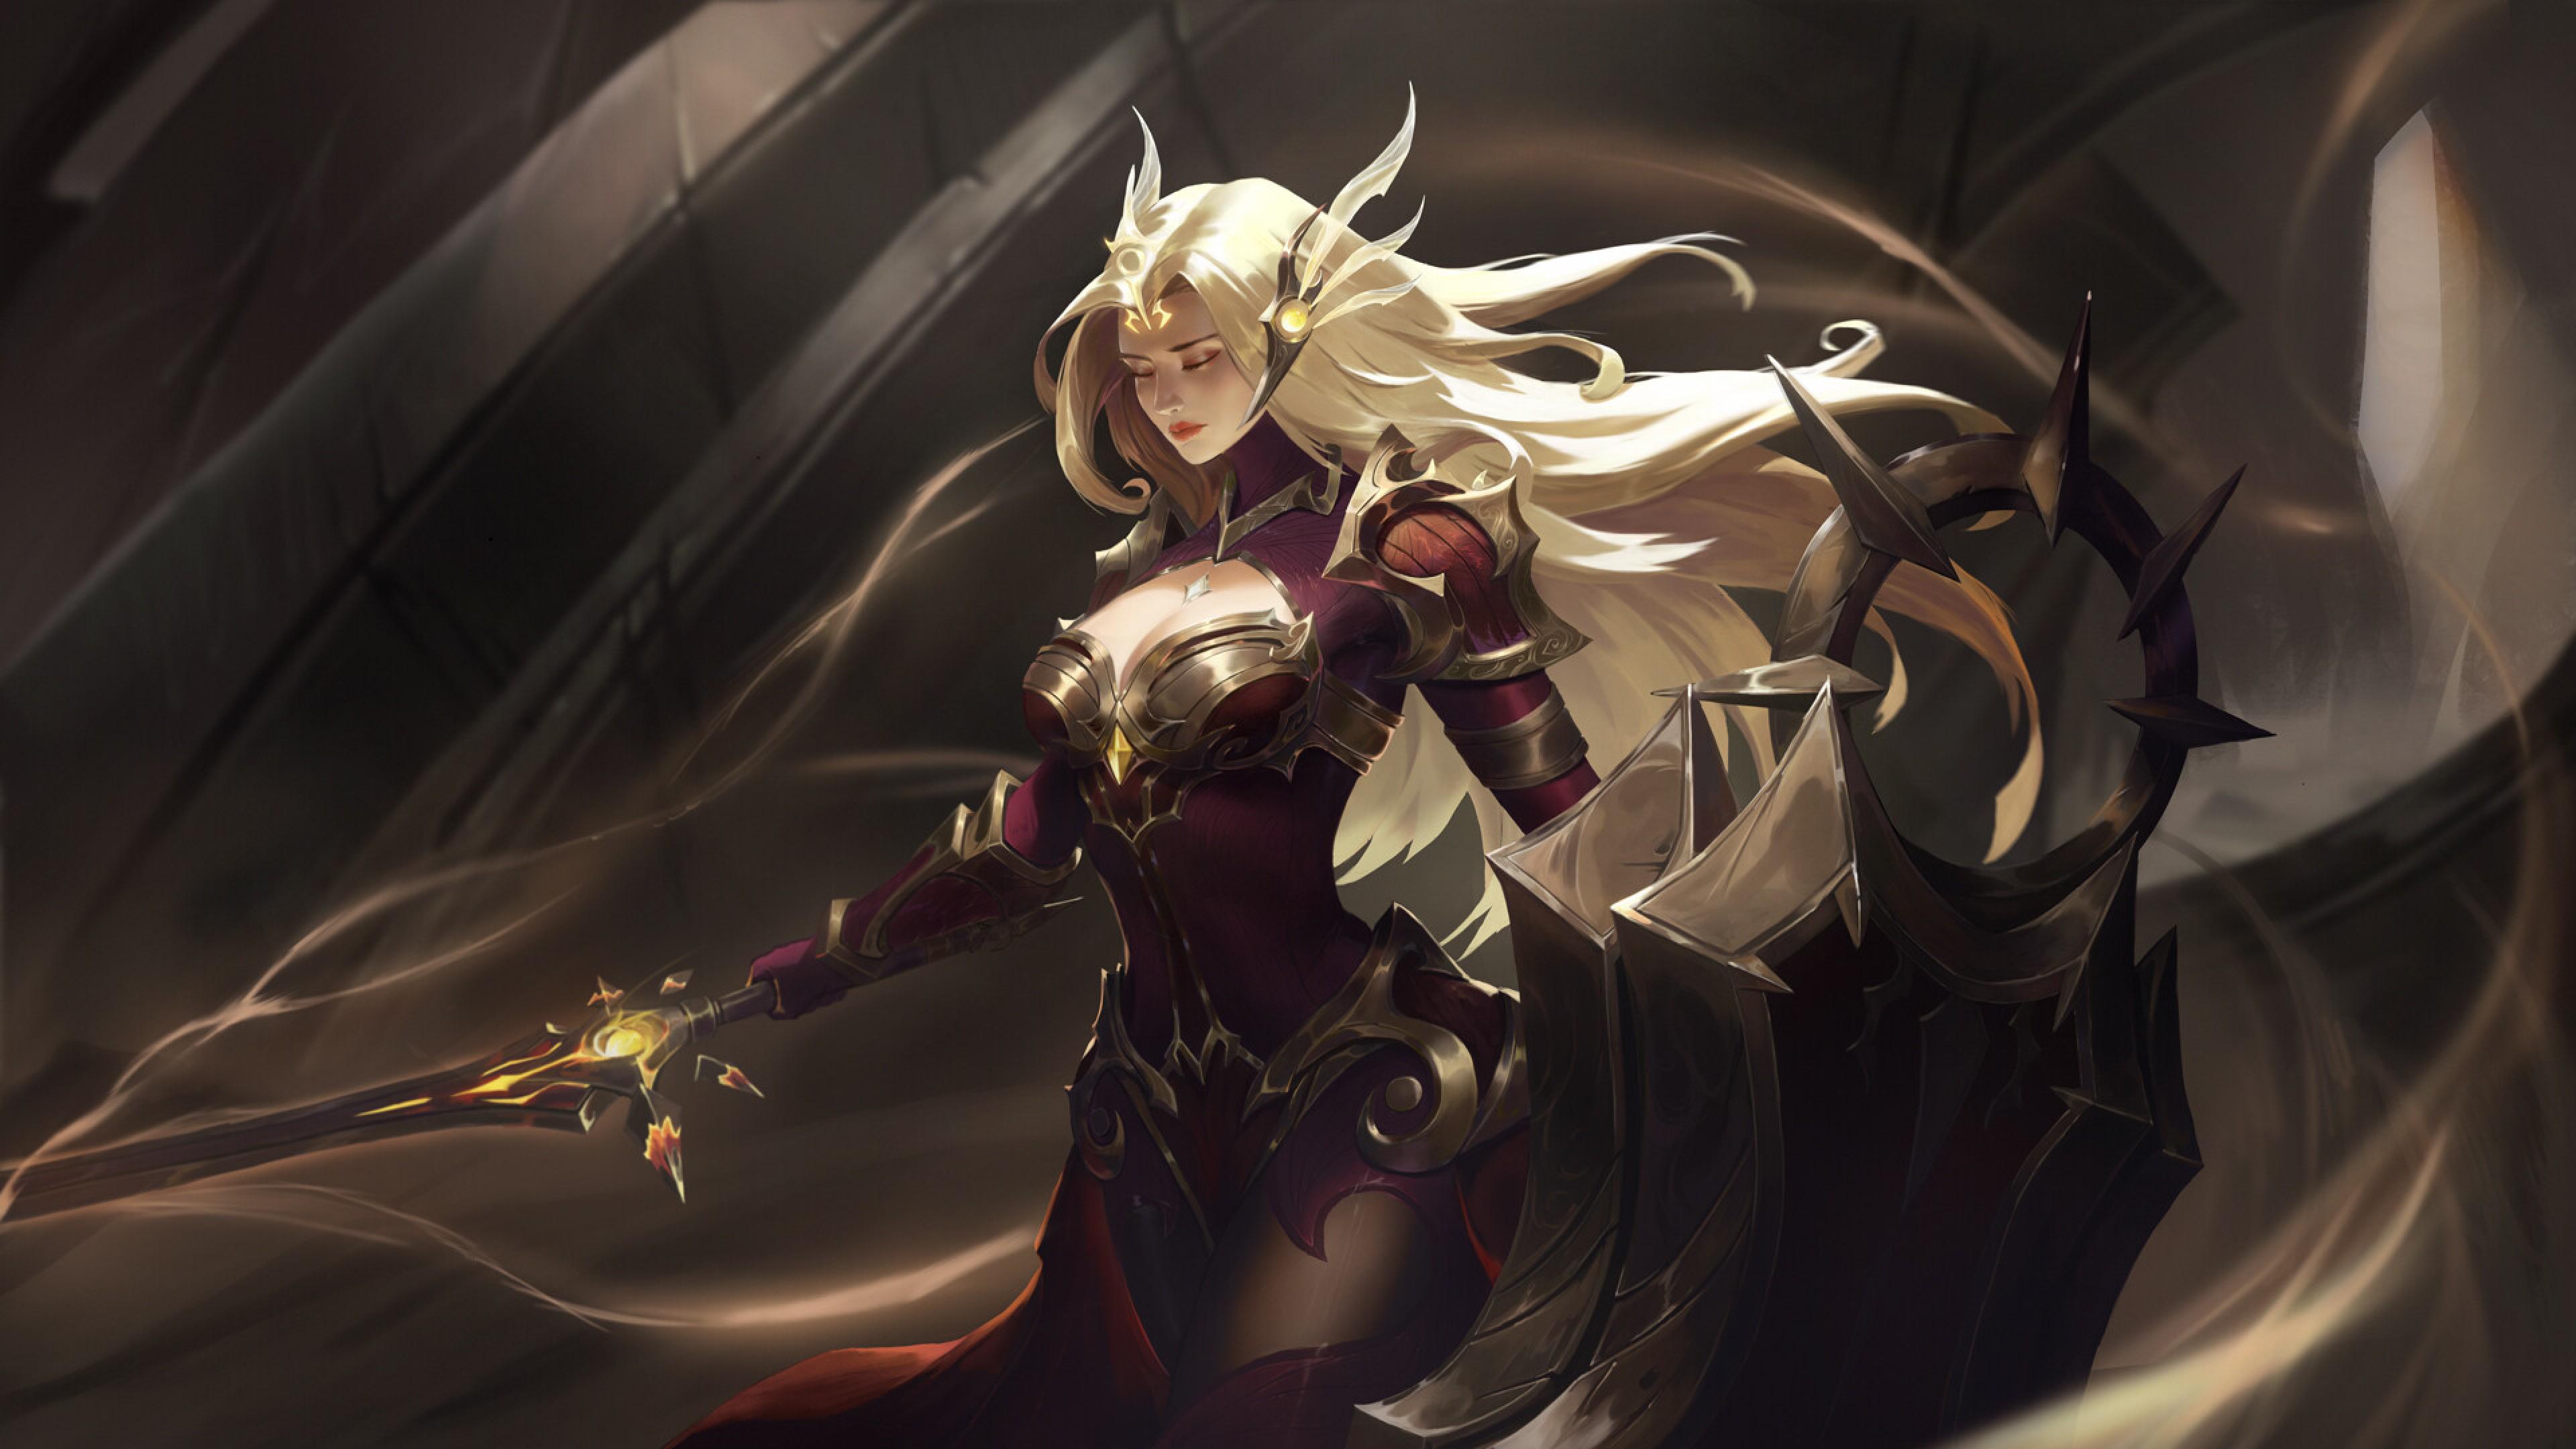 3840x2160 Leona In League Of Legends 4k Wallpaper Hd Games 4k